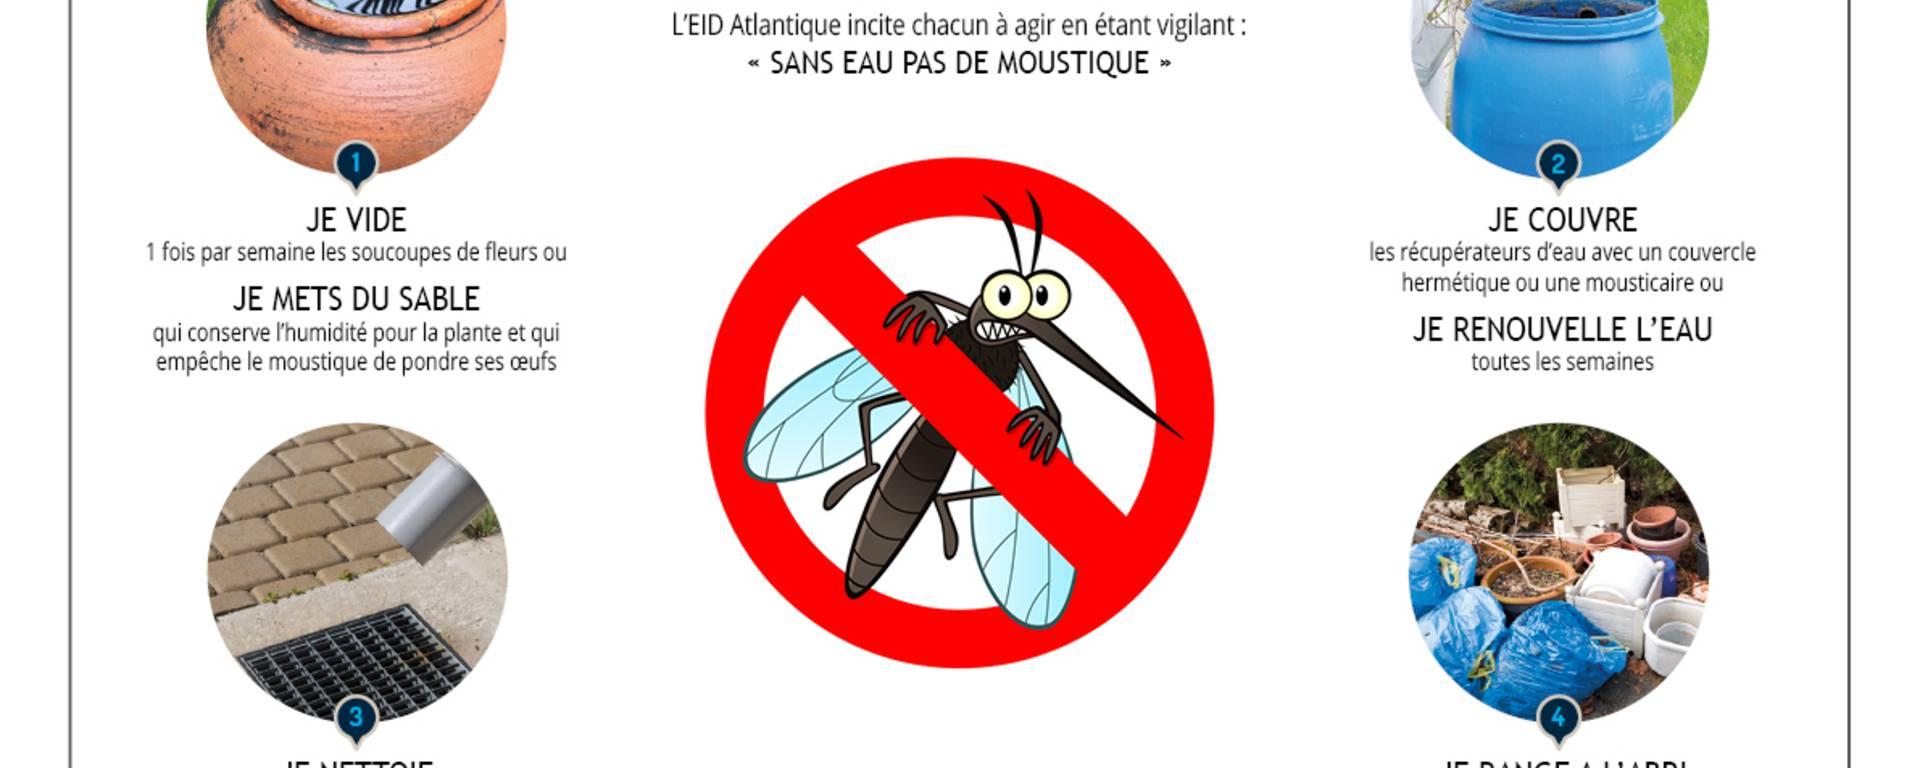 Les bons gestes contre les moustiques